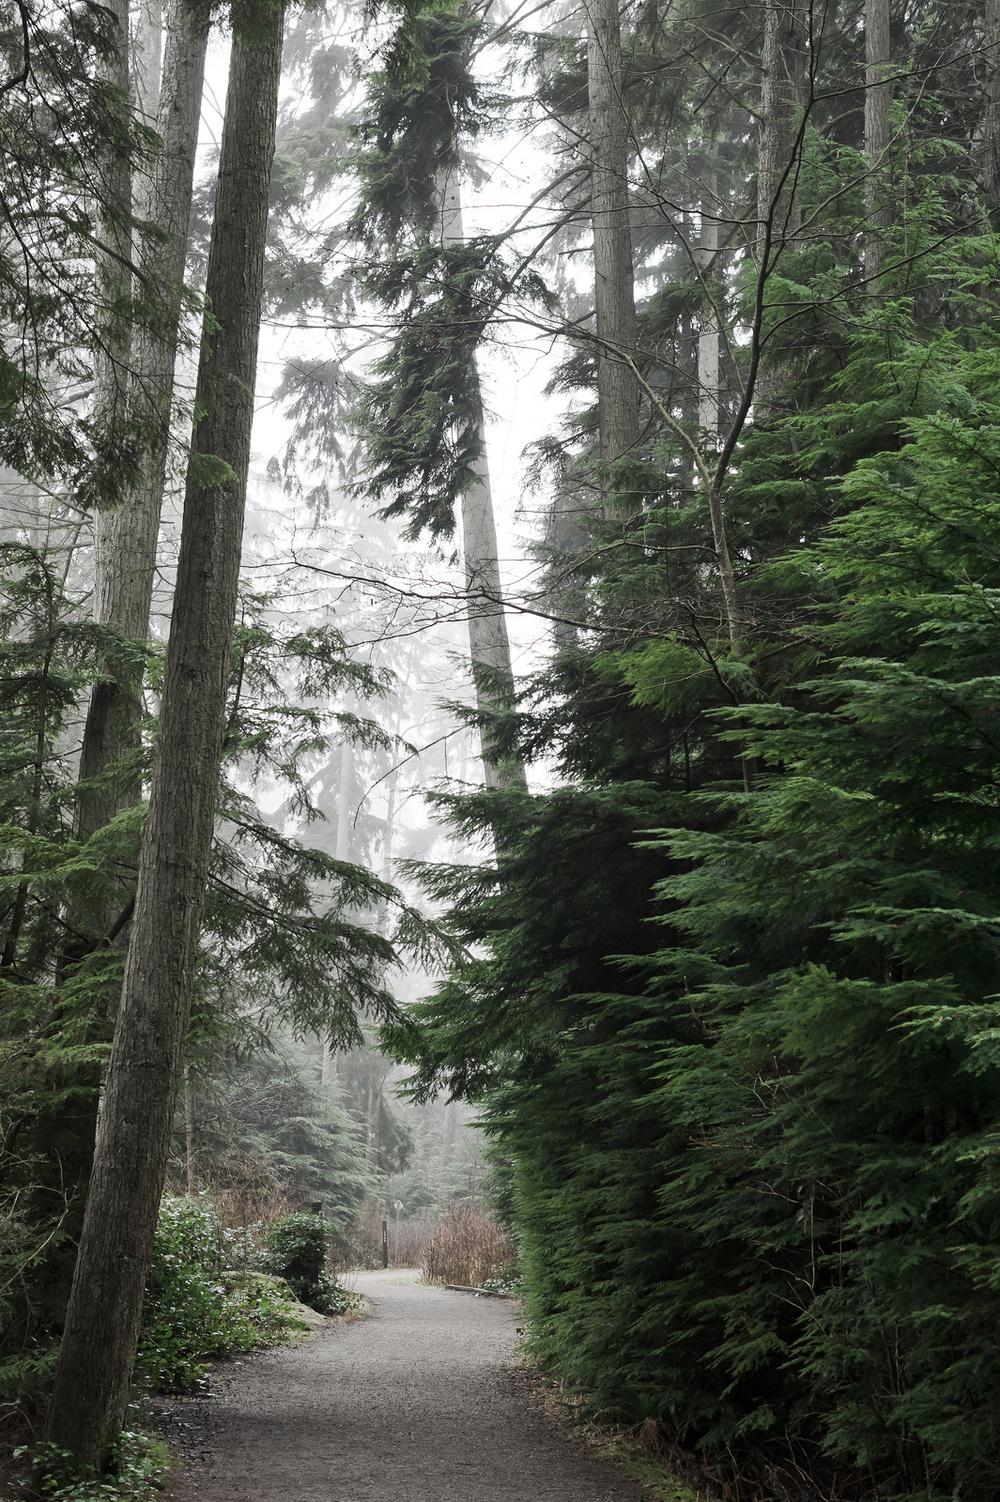 2014_01_26_Stanley_Park_Fog_Trail.jpg